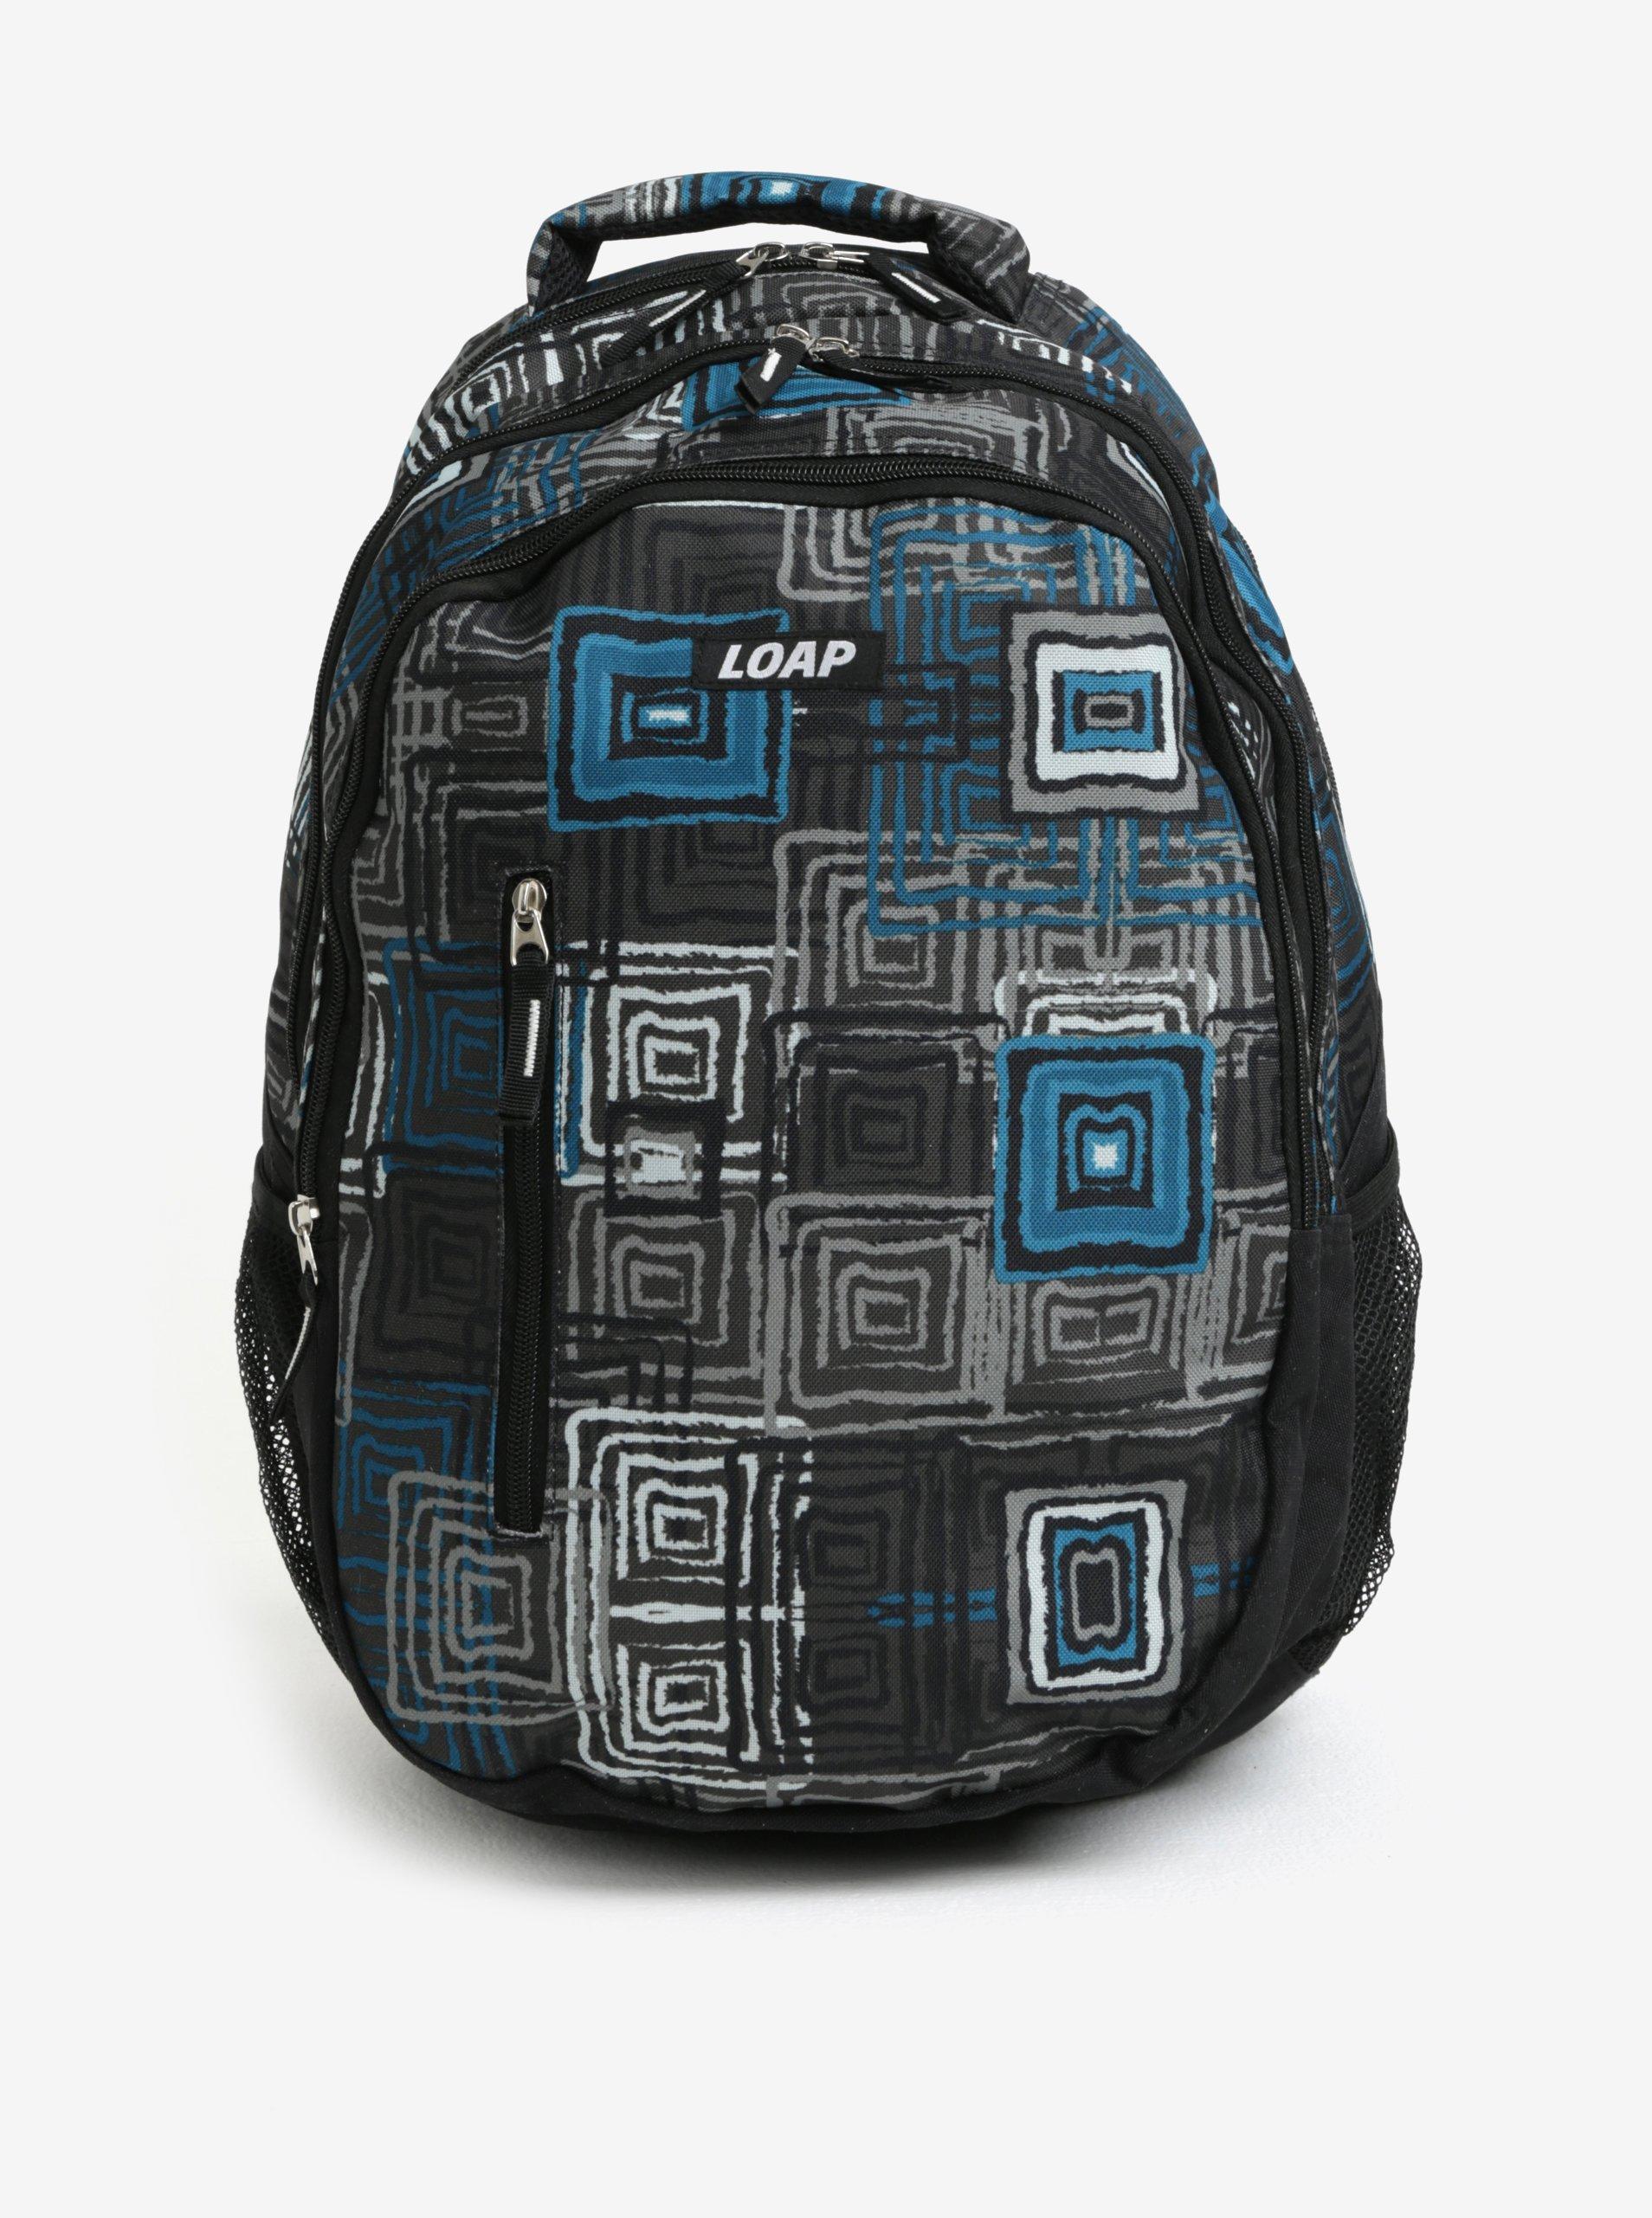 Fotografie Černo-modrý vzorovaný batoh LOAP Lian 20 l